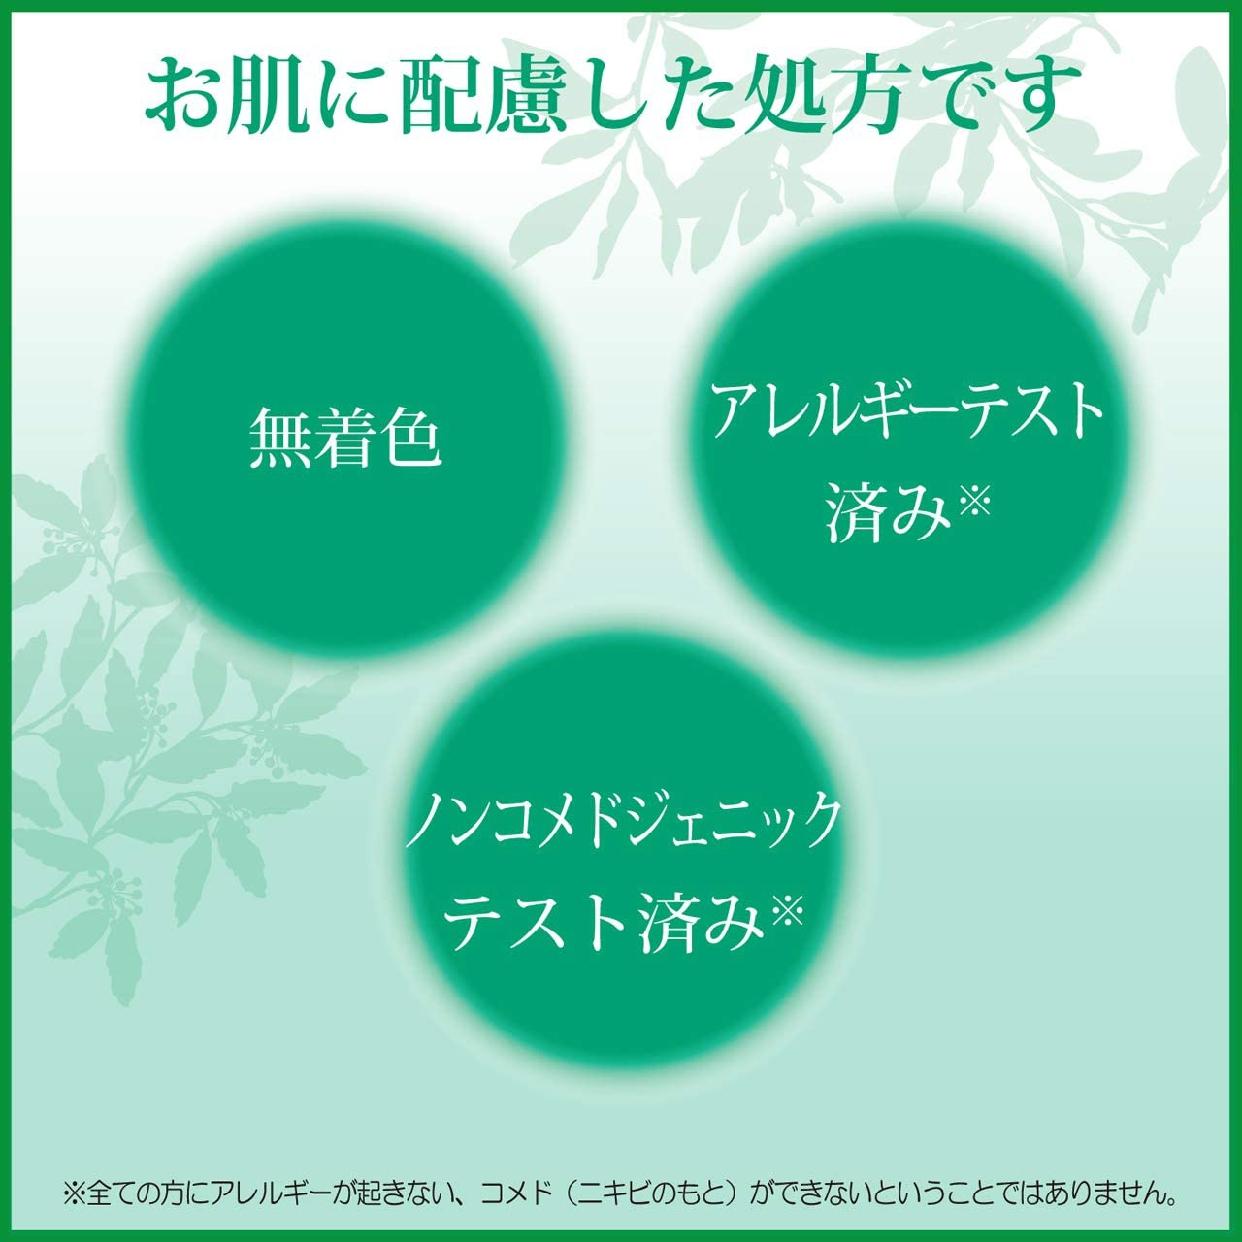 肌美精(はだびせい)大人のニキビ対策 薬用美白クリームの商品画像12